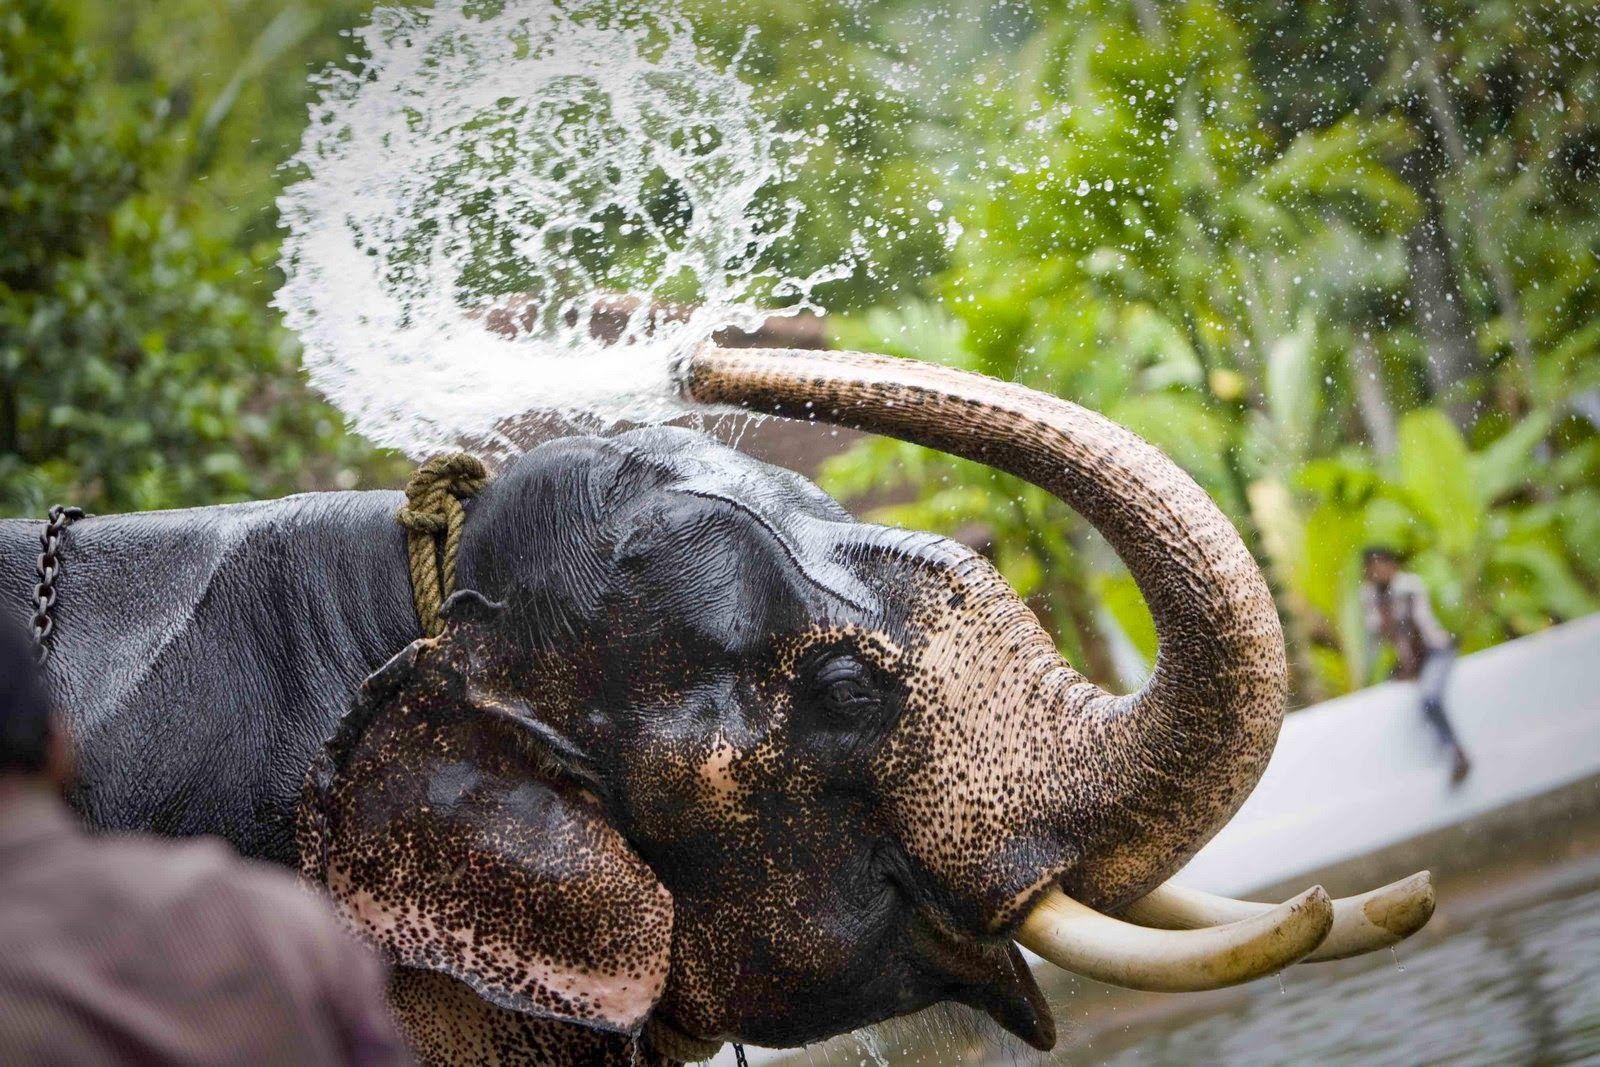 kerala-elephants-foaming-girls-forum